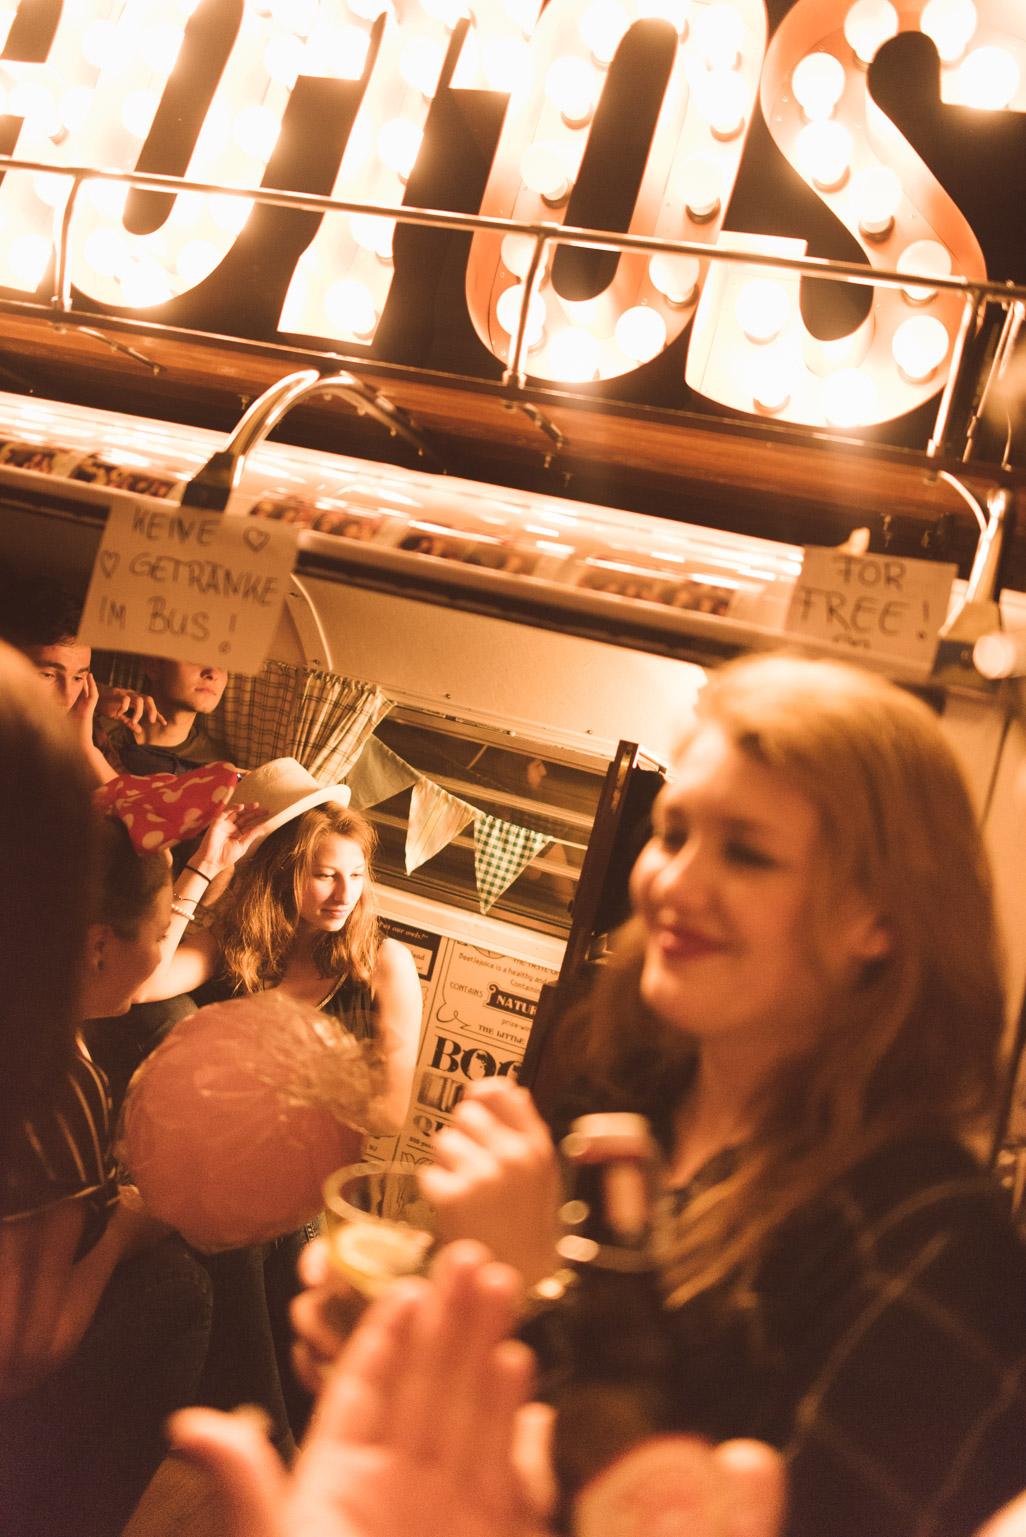 Rappel Voll Die Photobooth Im Photobus Bei Der Studi Party Wohnzimmer Konstanz Schatten